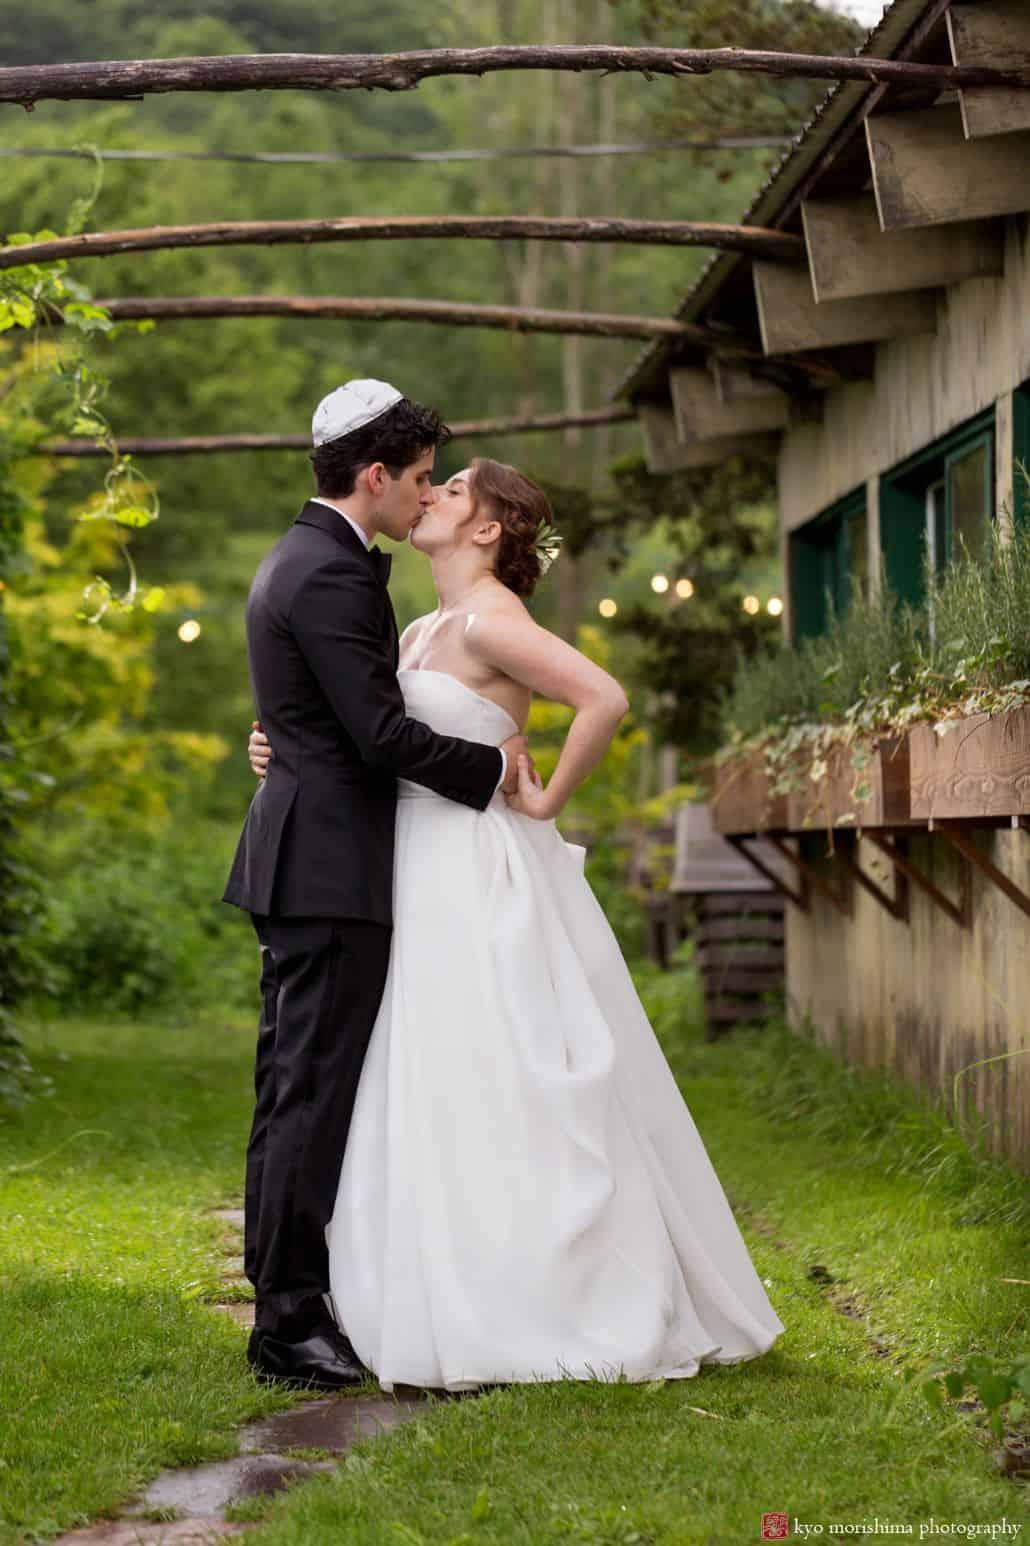 Alex stone wedding